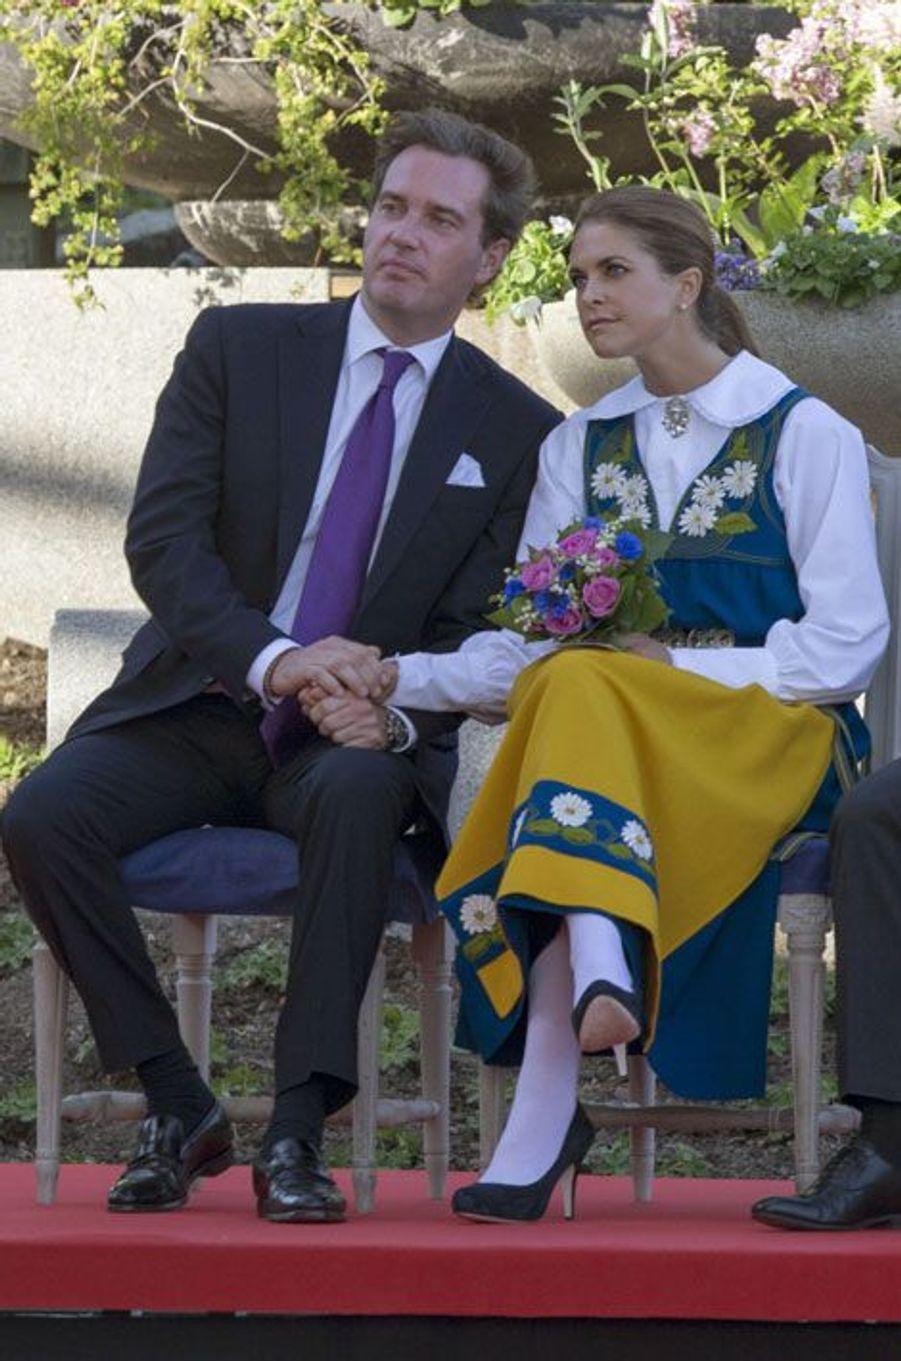 En tenue traditionnelle pour la fête nationale de Suède, en juin 2013